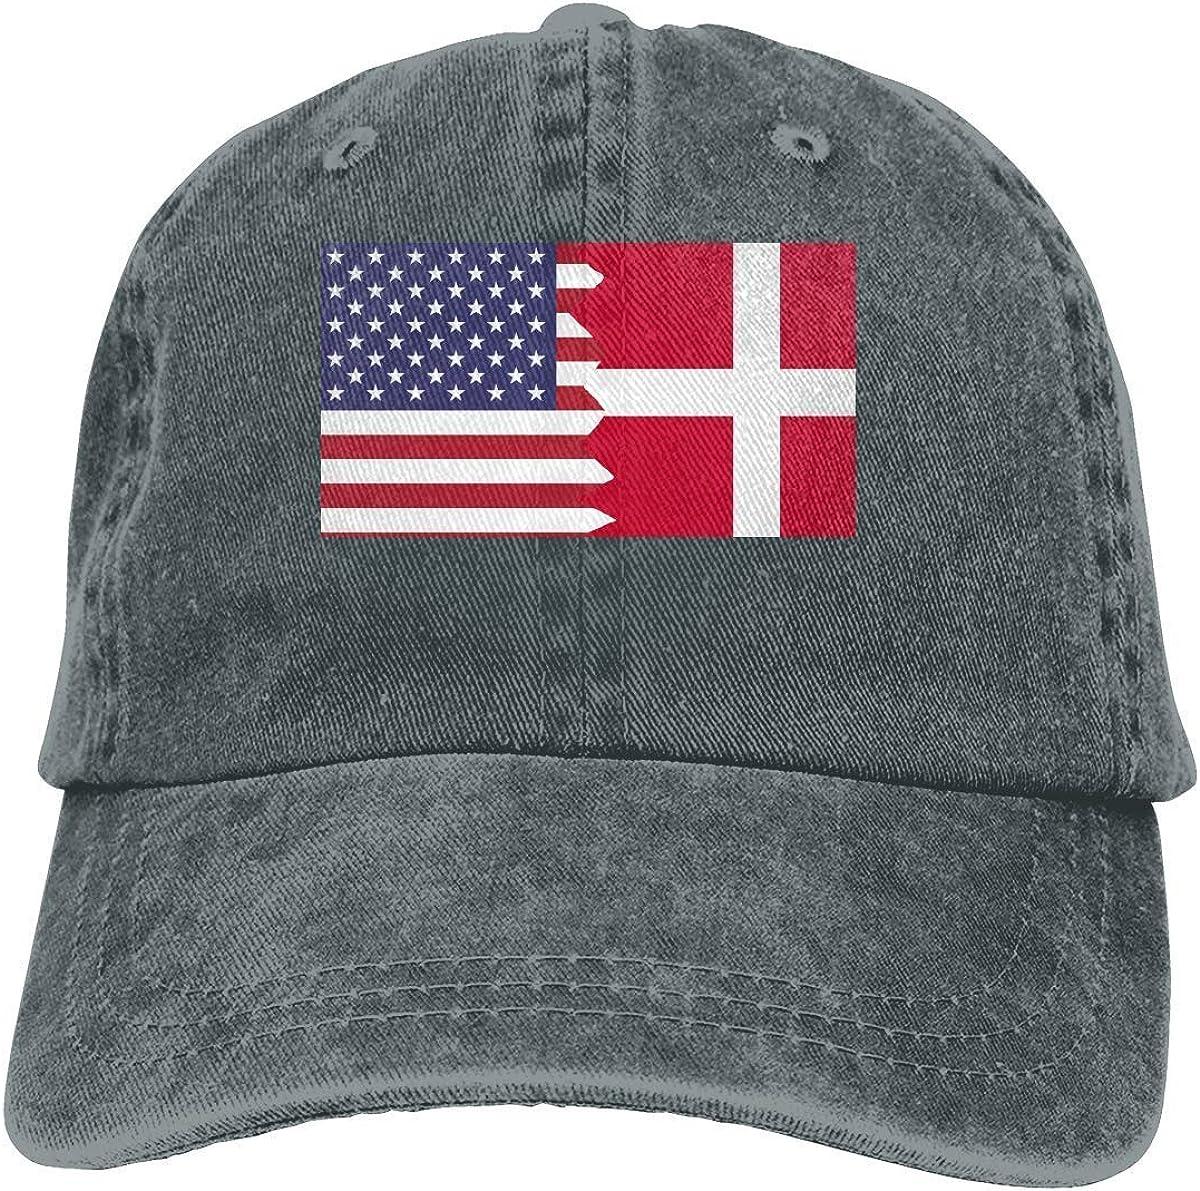 Ocaohuahuaba Gorra de béisbol para hombres y mujeres, bandera de Dinamarca americana, unisex, algodón, ajustable